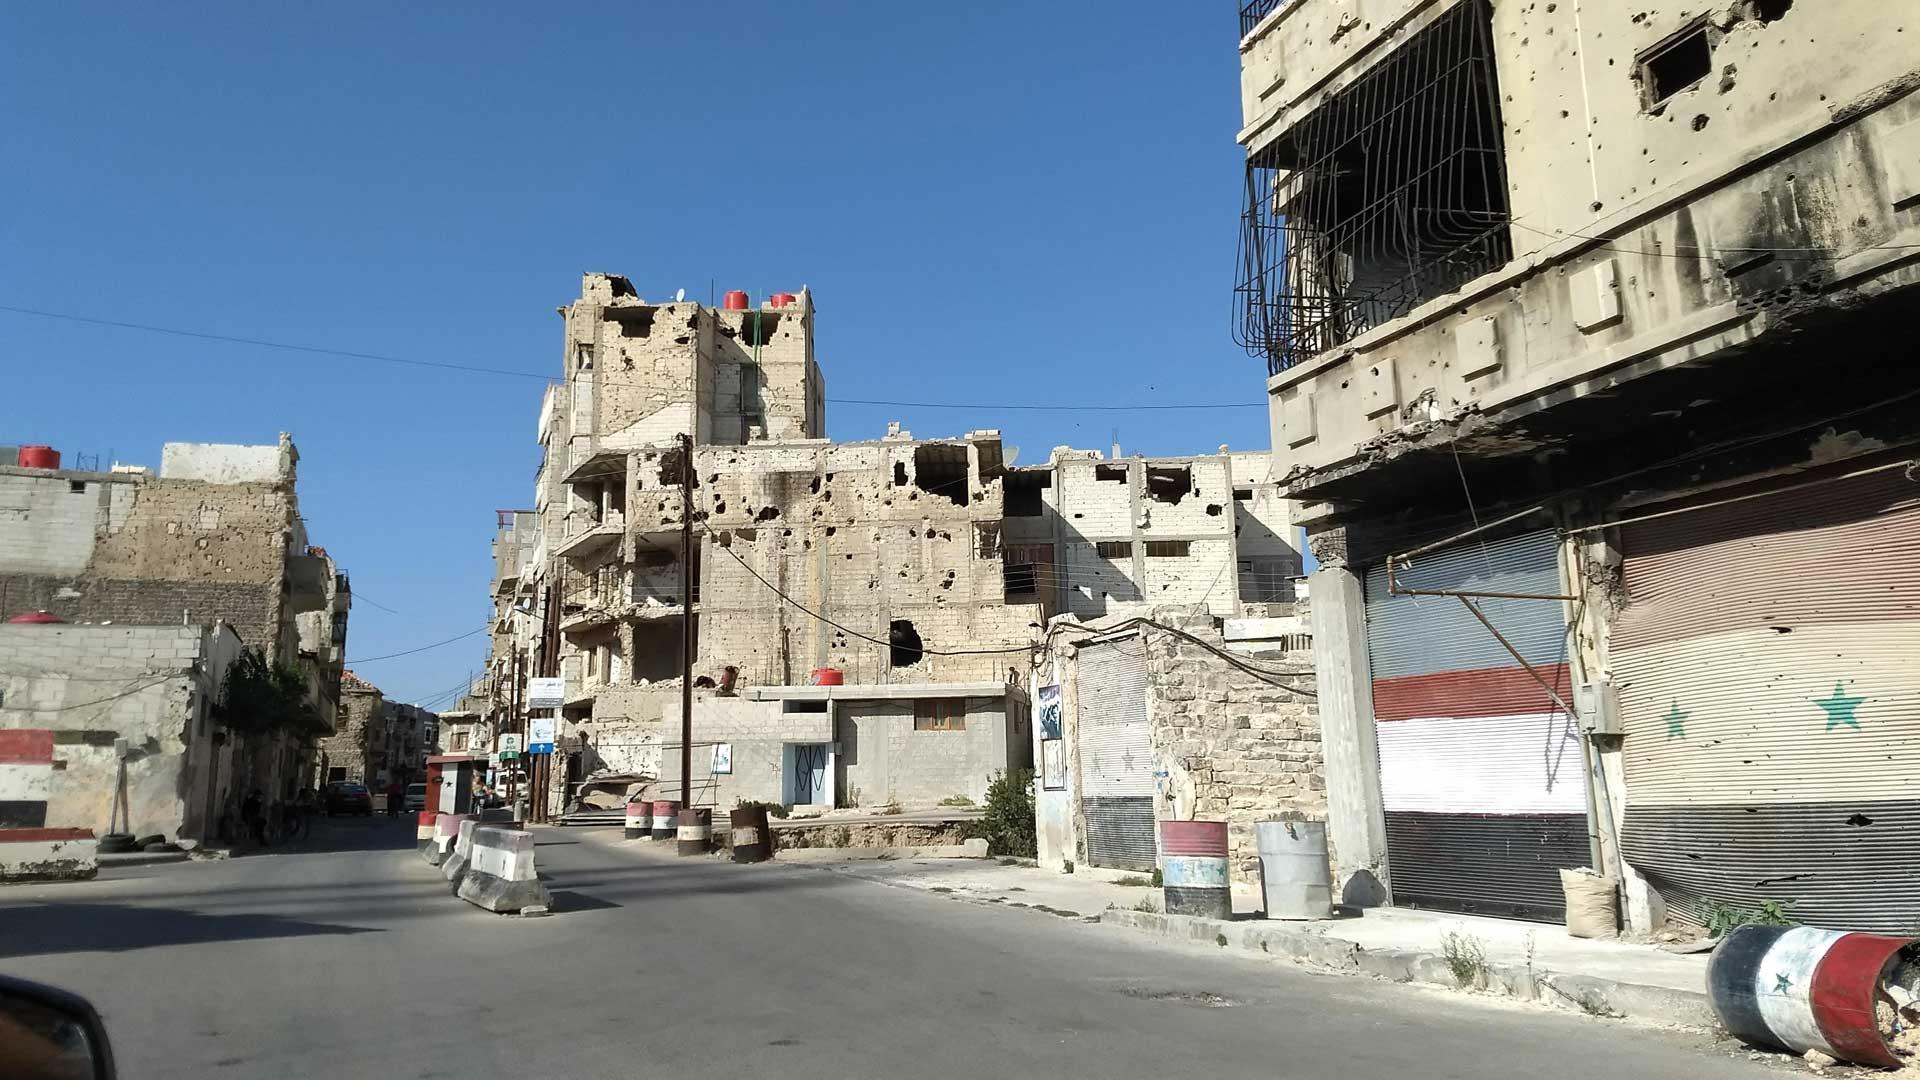 Städte bestehen aus vielen zerstörten Häusern